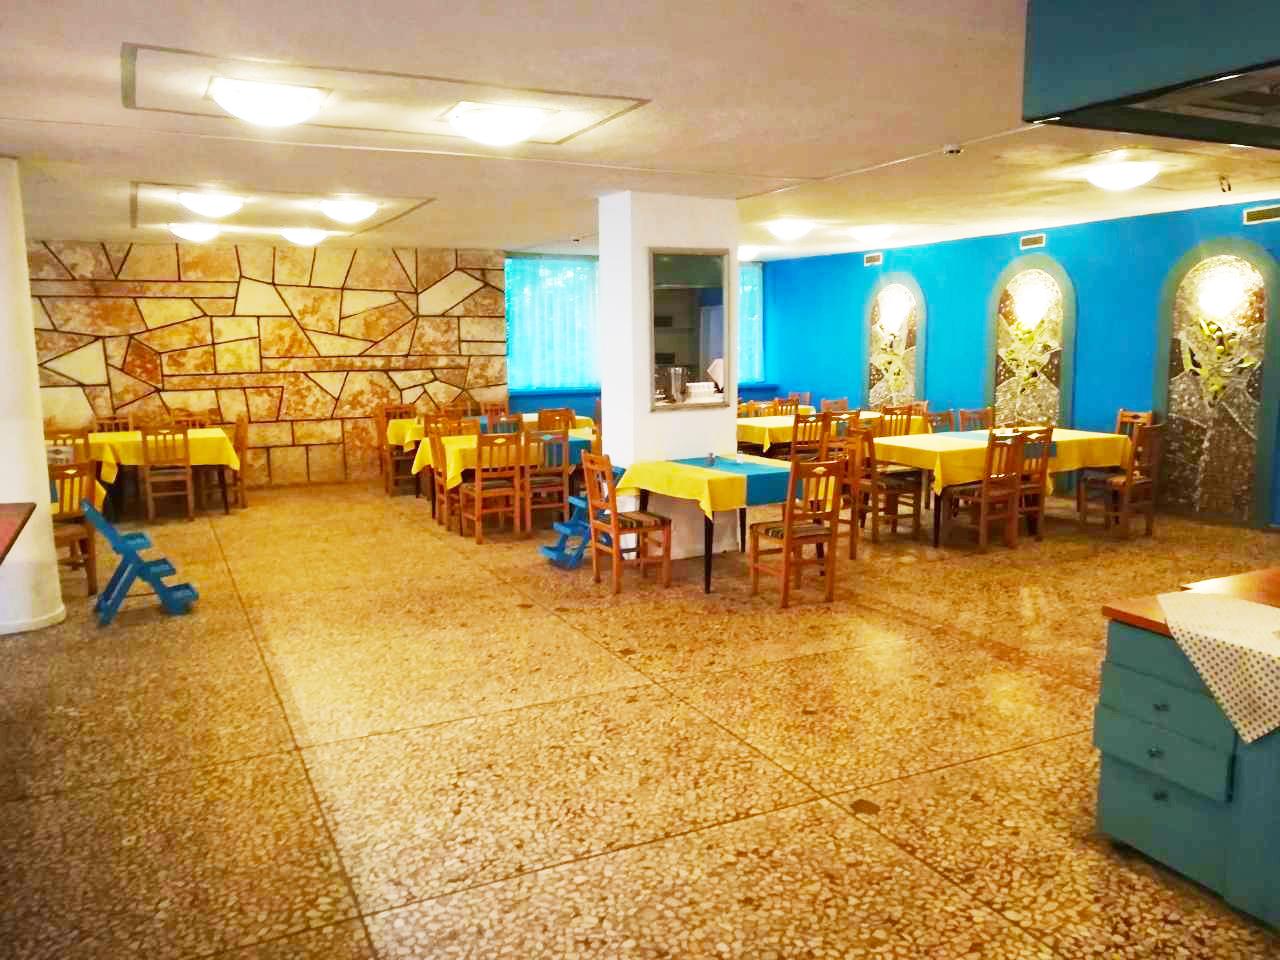 Великден и Гергьовден в Златни Пясъци на ШОК ЦЕНА. All Inclusive само за 24 лв. в хотел Диана. Дете до 12 г. БЕЗПЛАТНО!!!, снимка 7